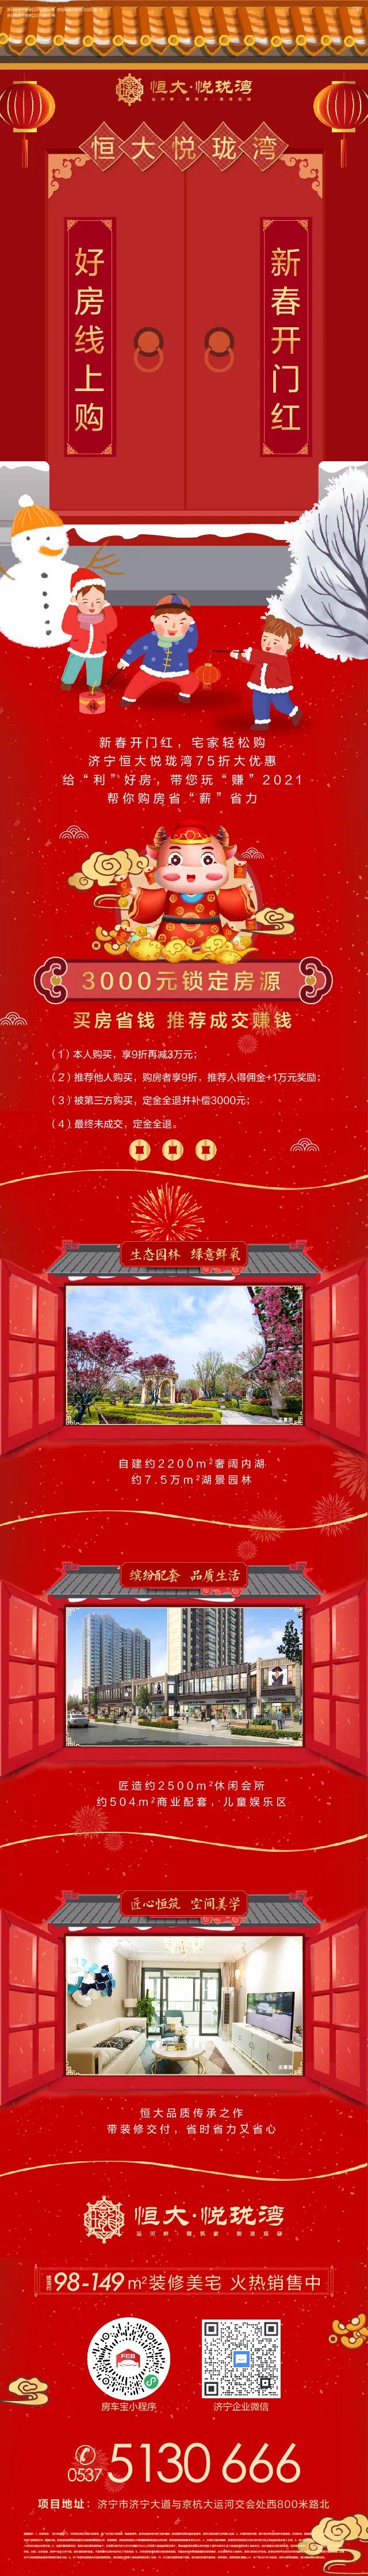 新春开门红,济宁恒大悦珑湾好房线上购